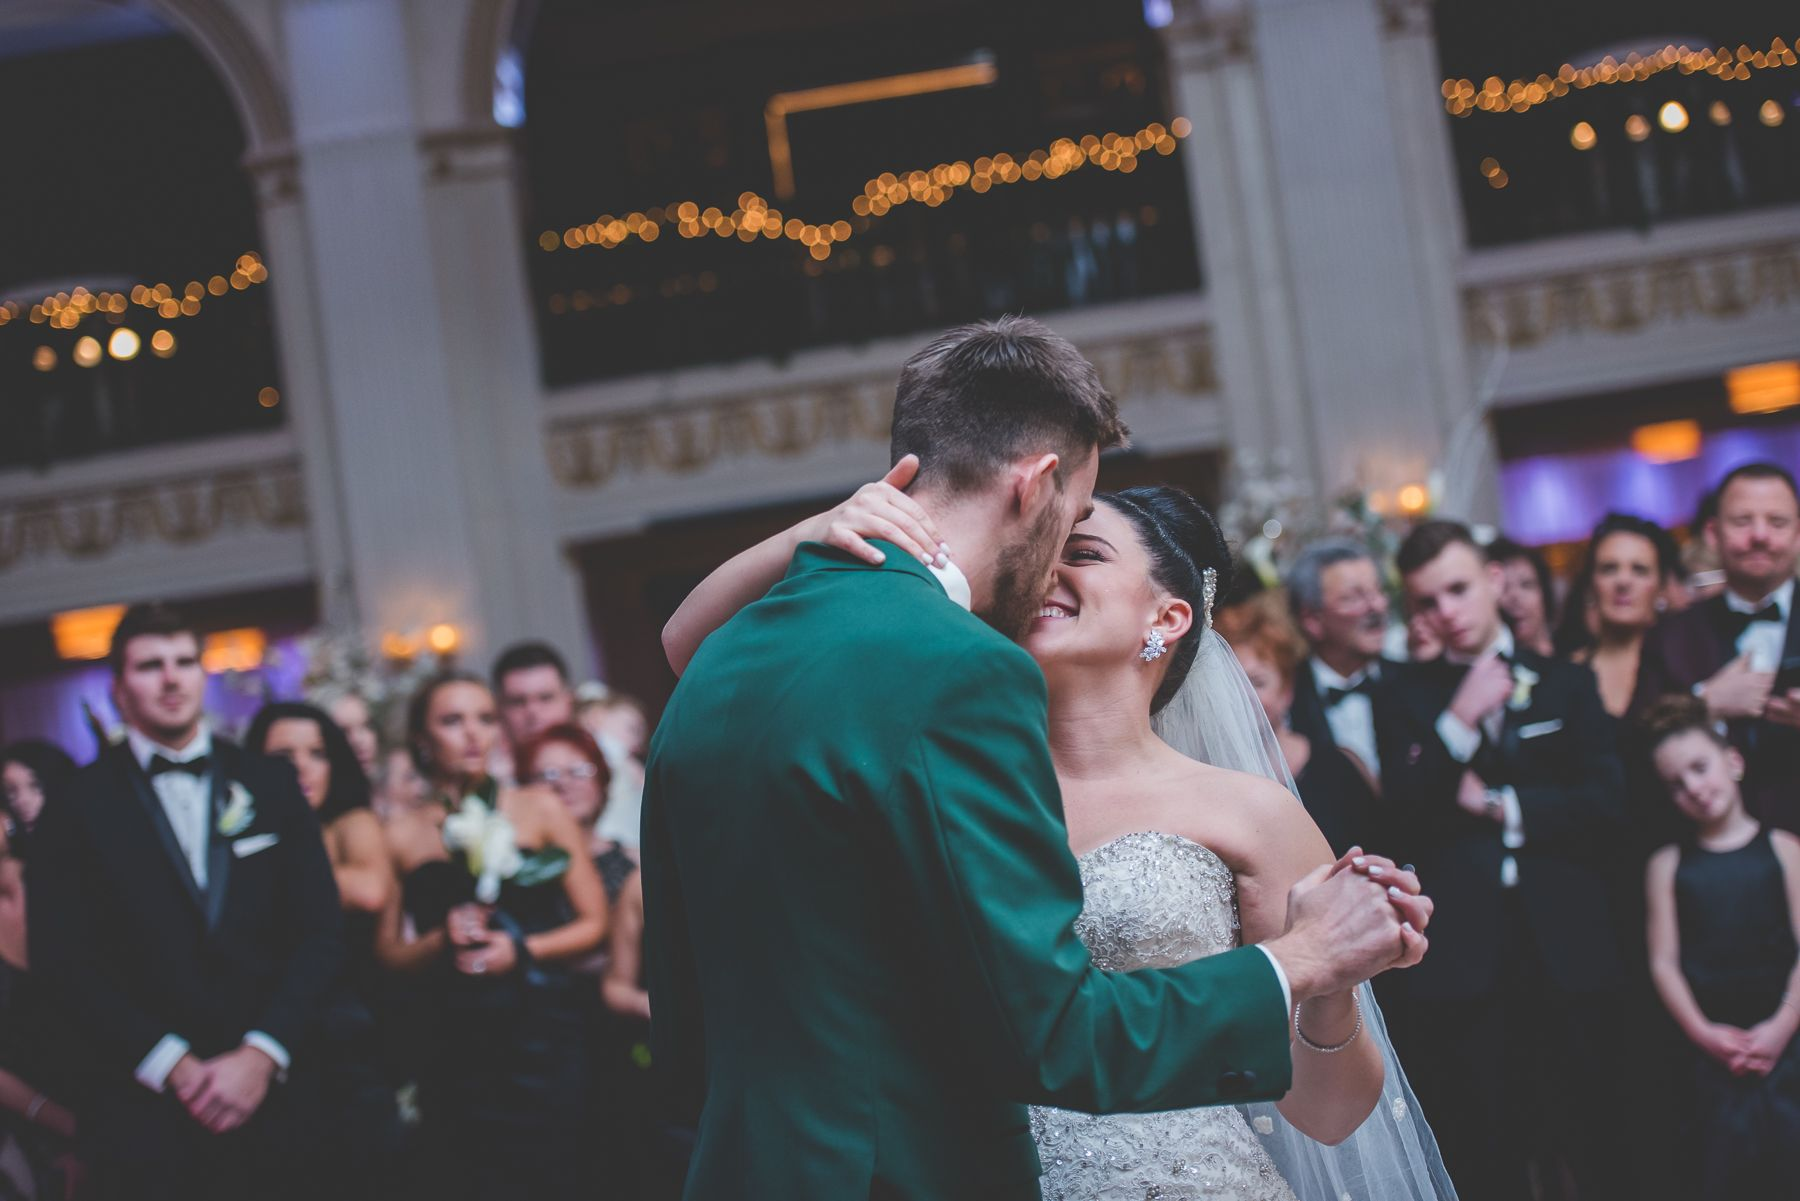 Home Gif photo booth, Philadelphia wedding, Winter wedding